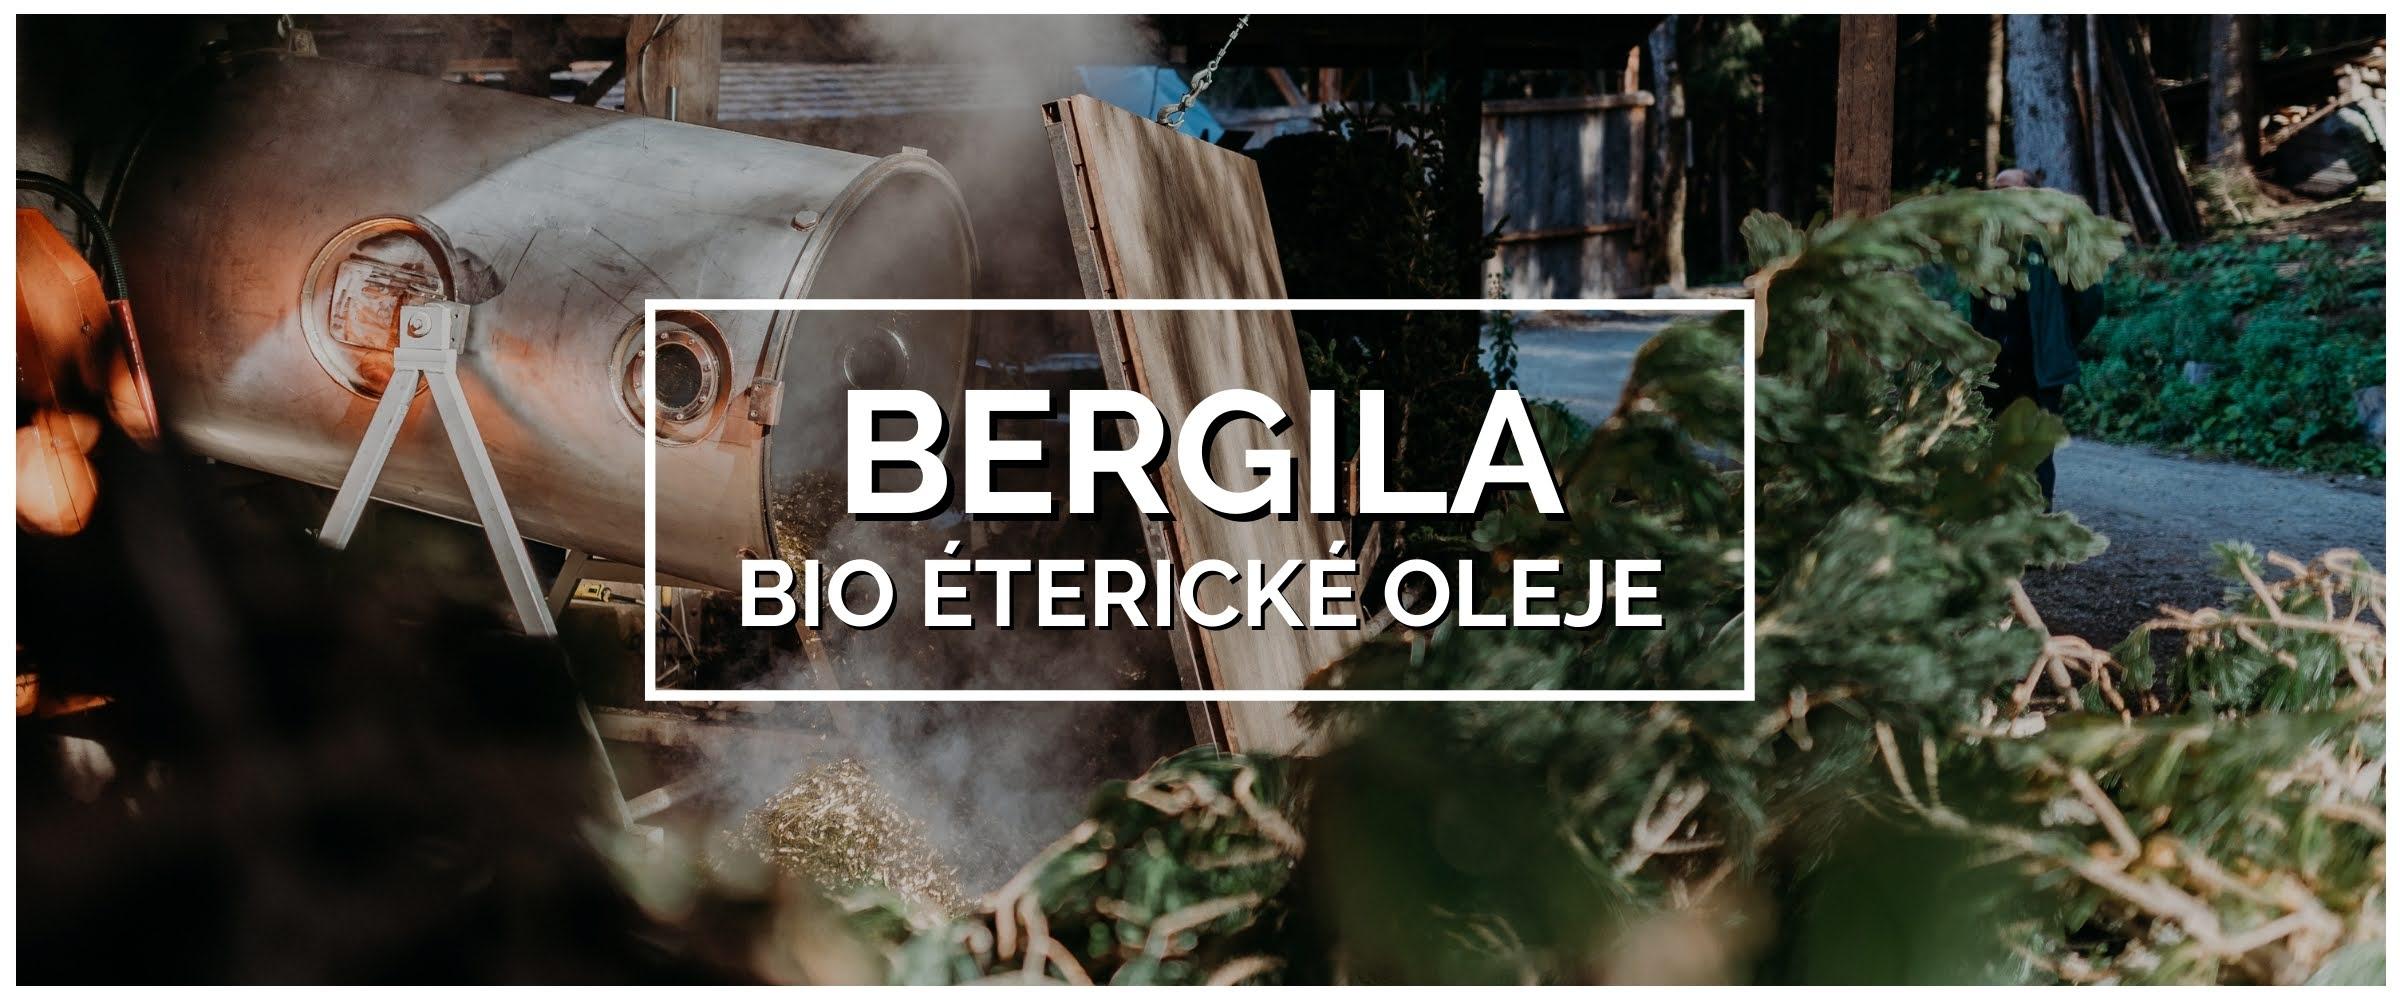 Bergila éterické oleje